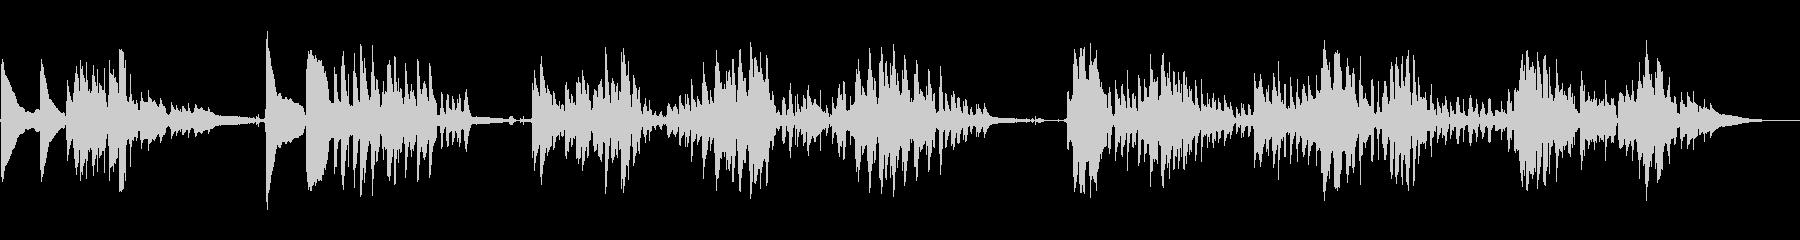 マンドリン:ラストポスト、ラピッド...の未再生の波形